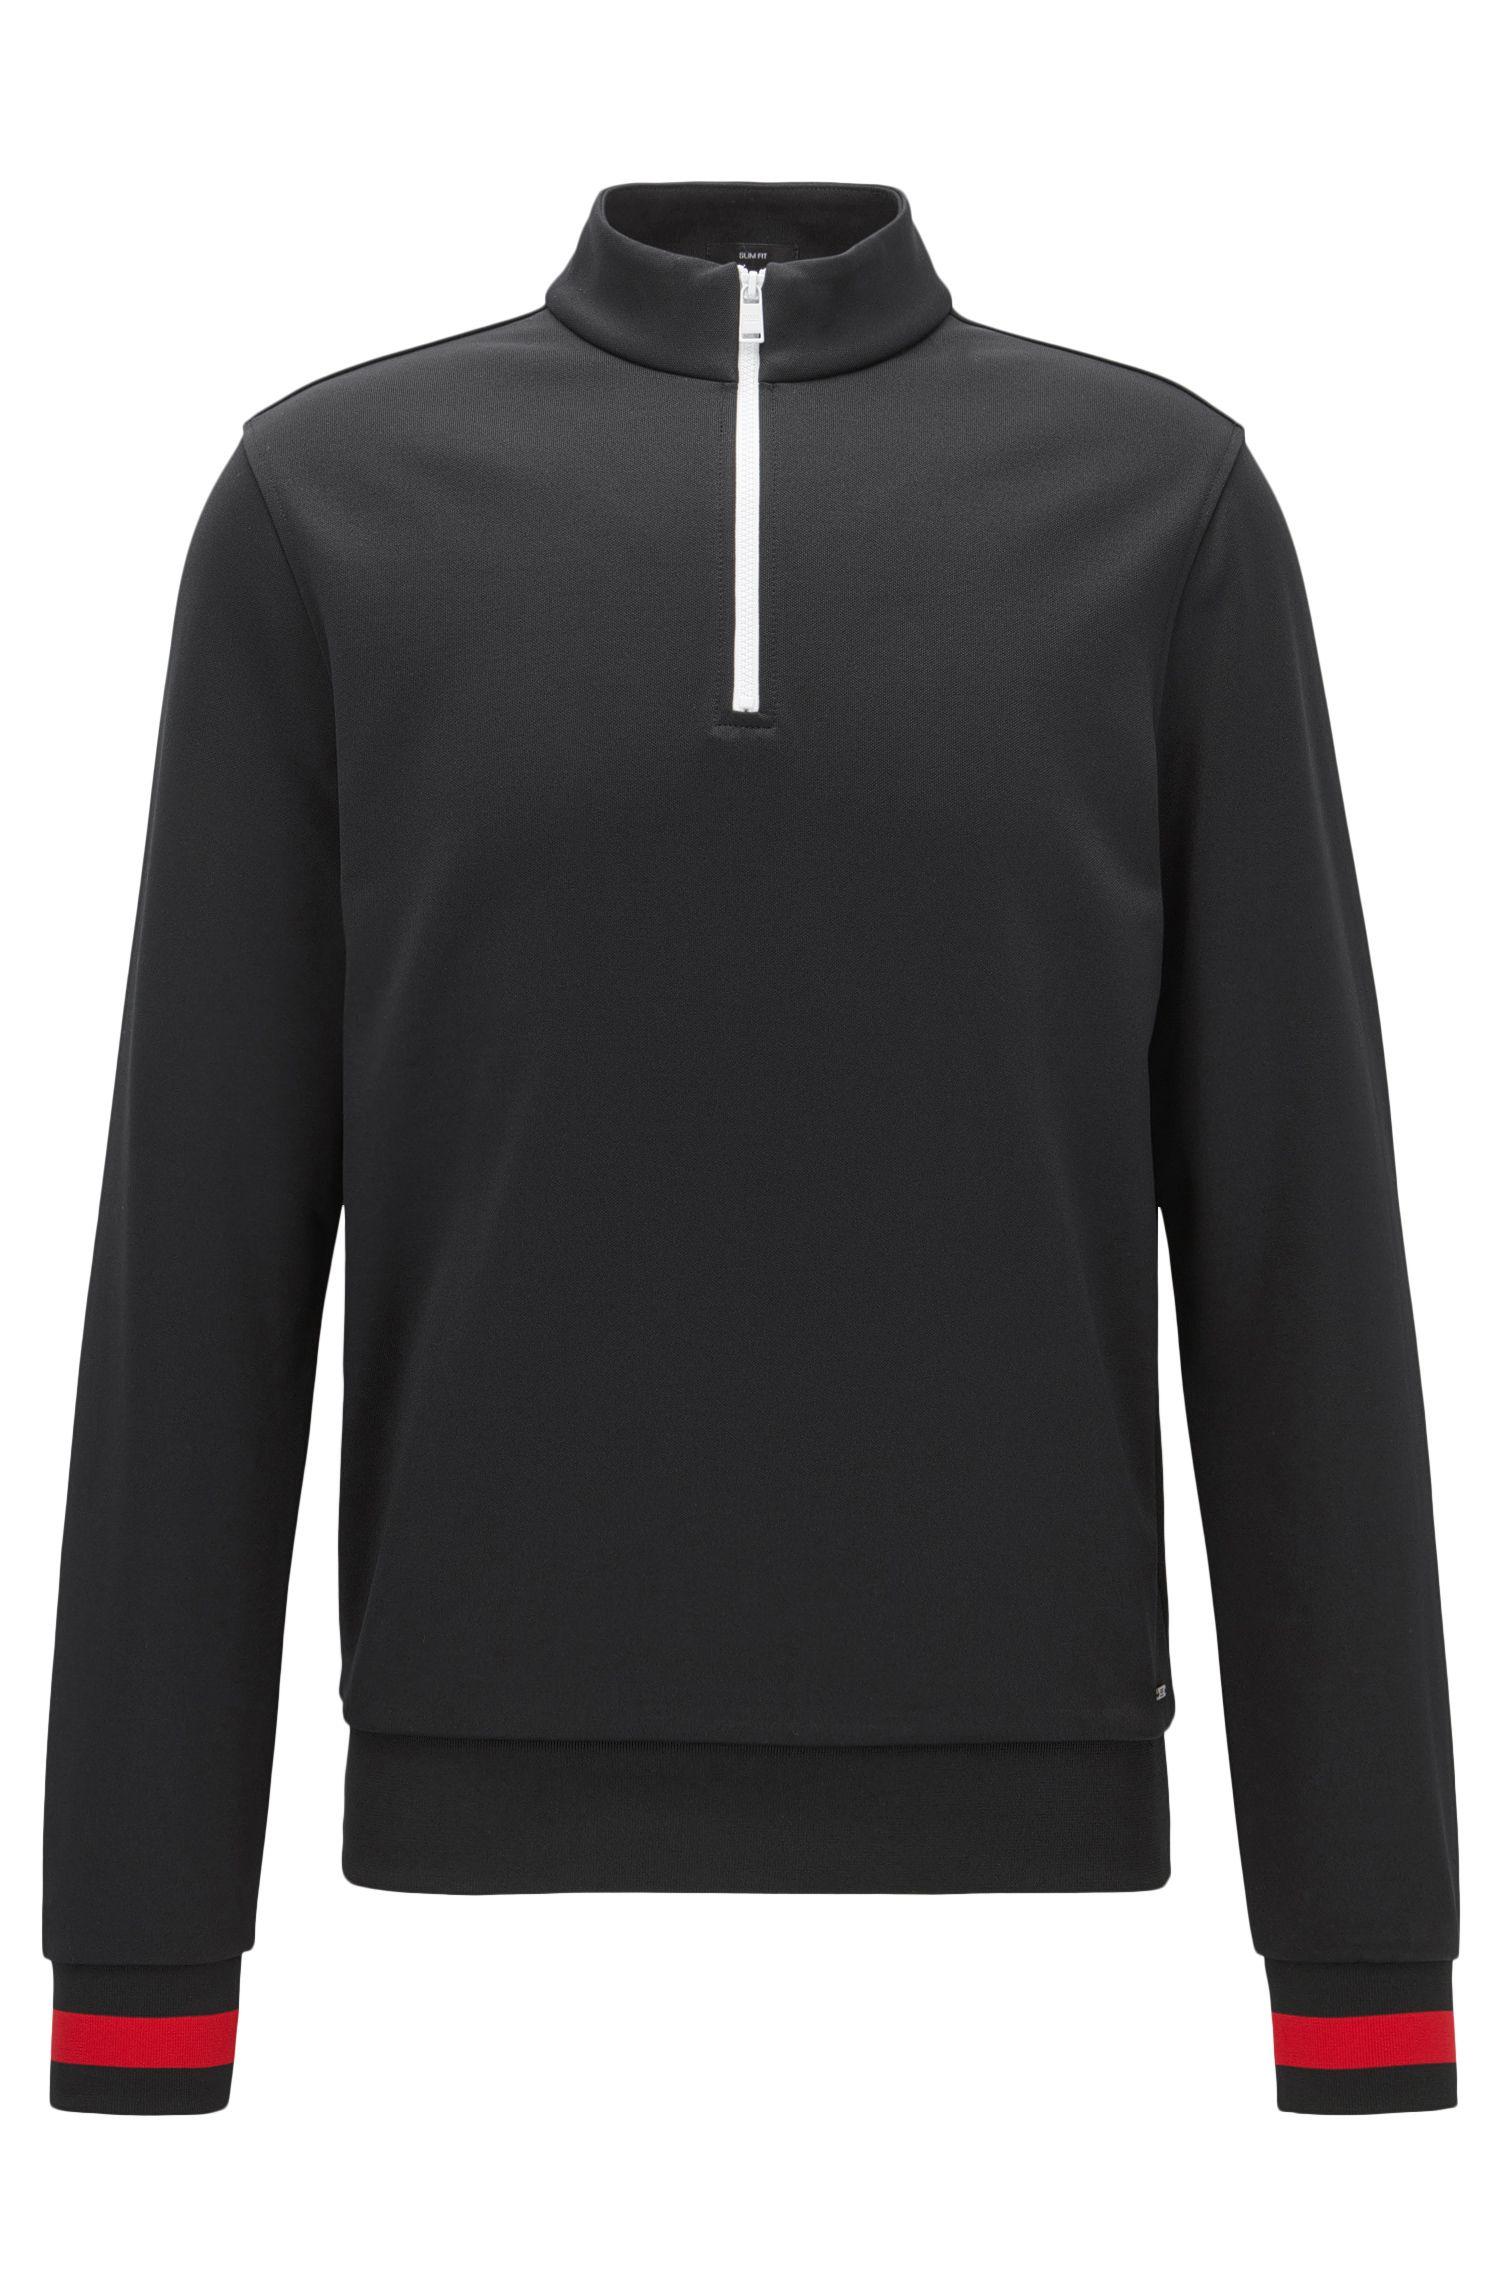 Sweater met rits aan de hals, van technisch materiaal met contrastdetails